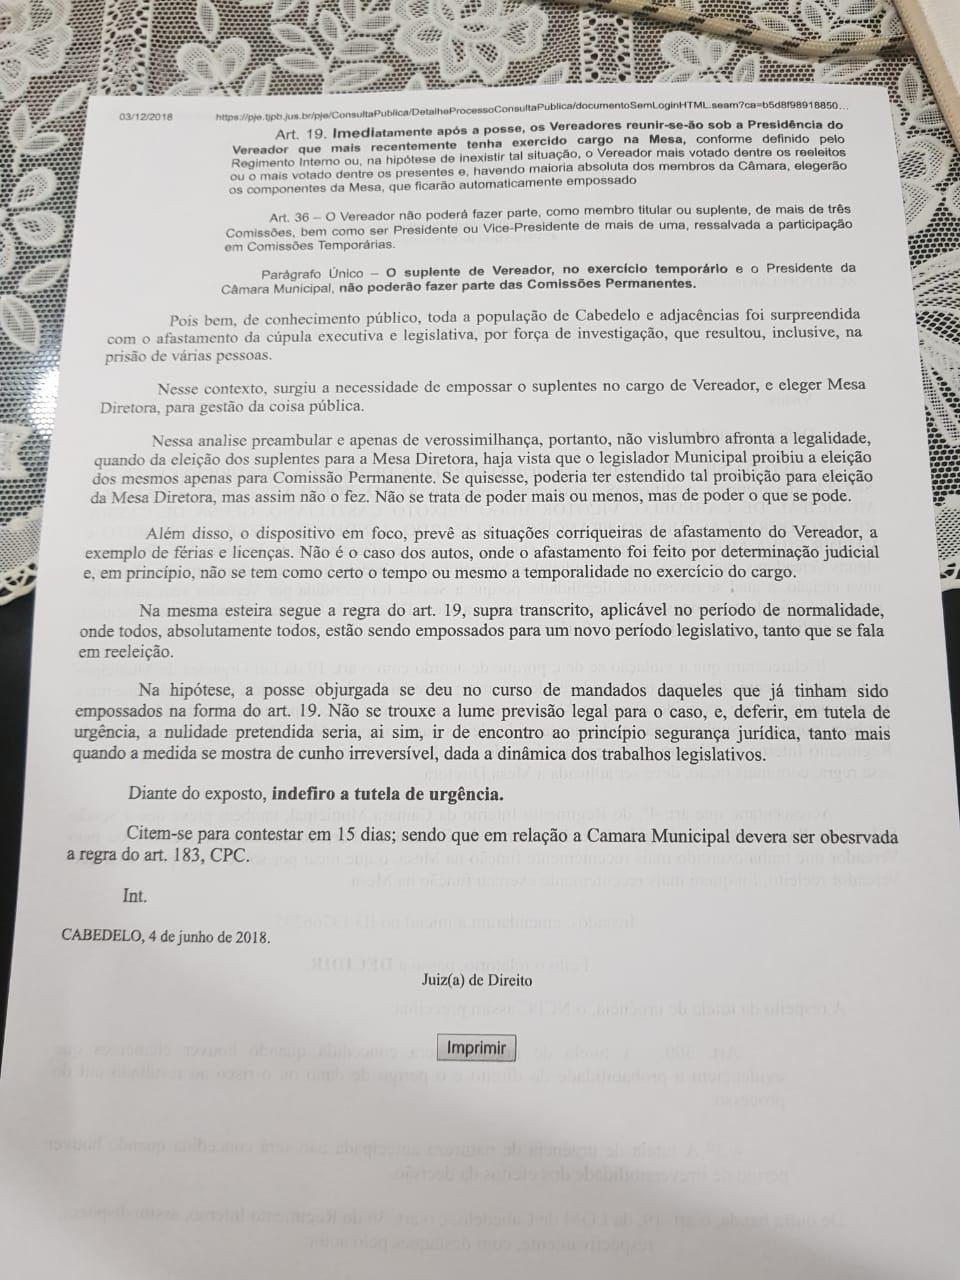 imagem 4 - 'FAZ QUASE UM ANO': Vereador reclama de morosidade de juíza em relação a irregularidades na eleição de Vitor Hugo